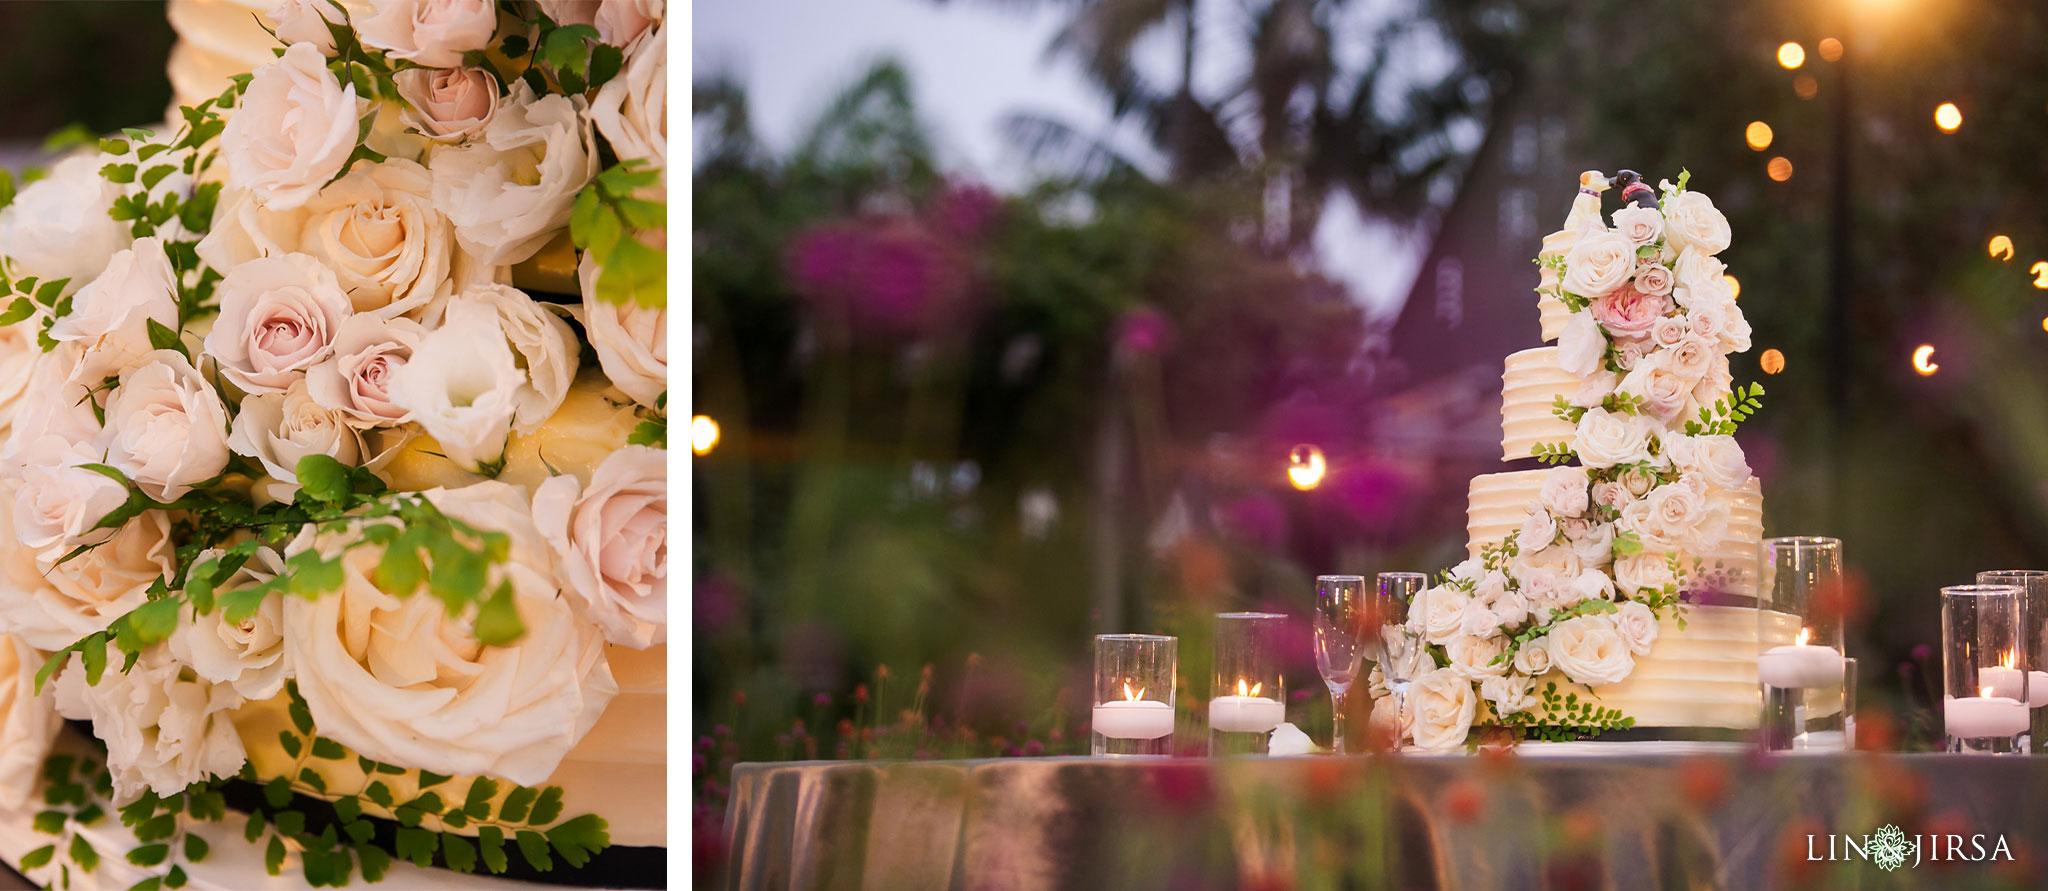 35 sherman library gardens corona del mar same sex wedding photography